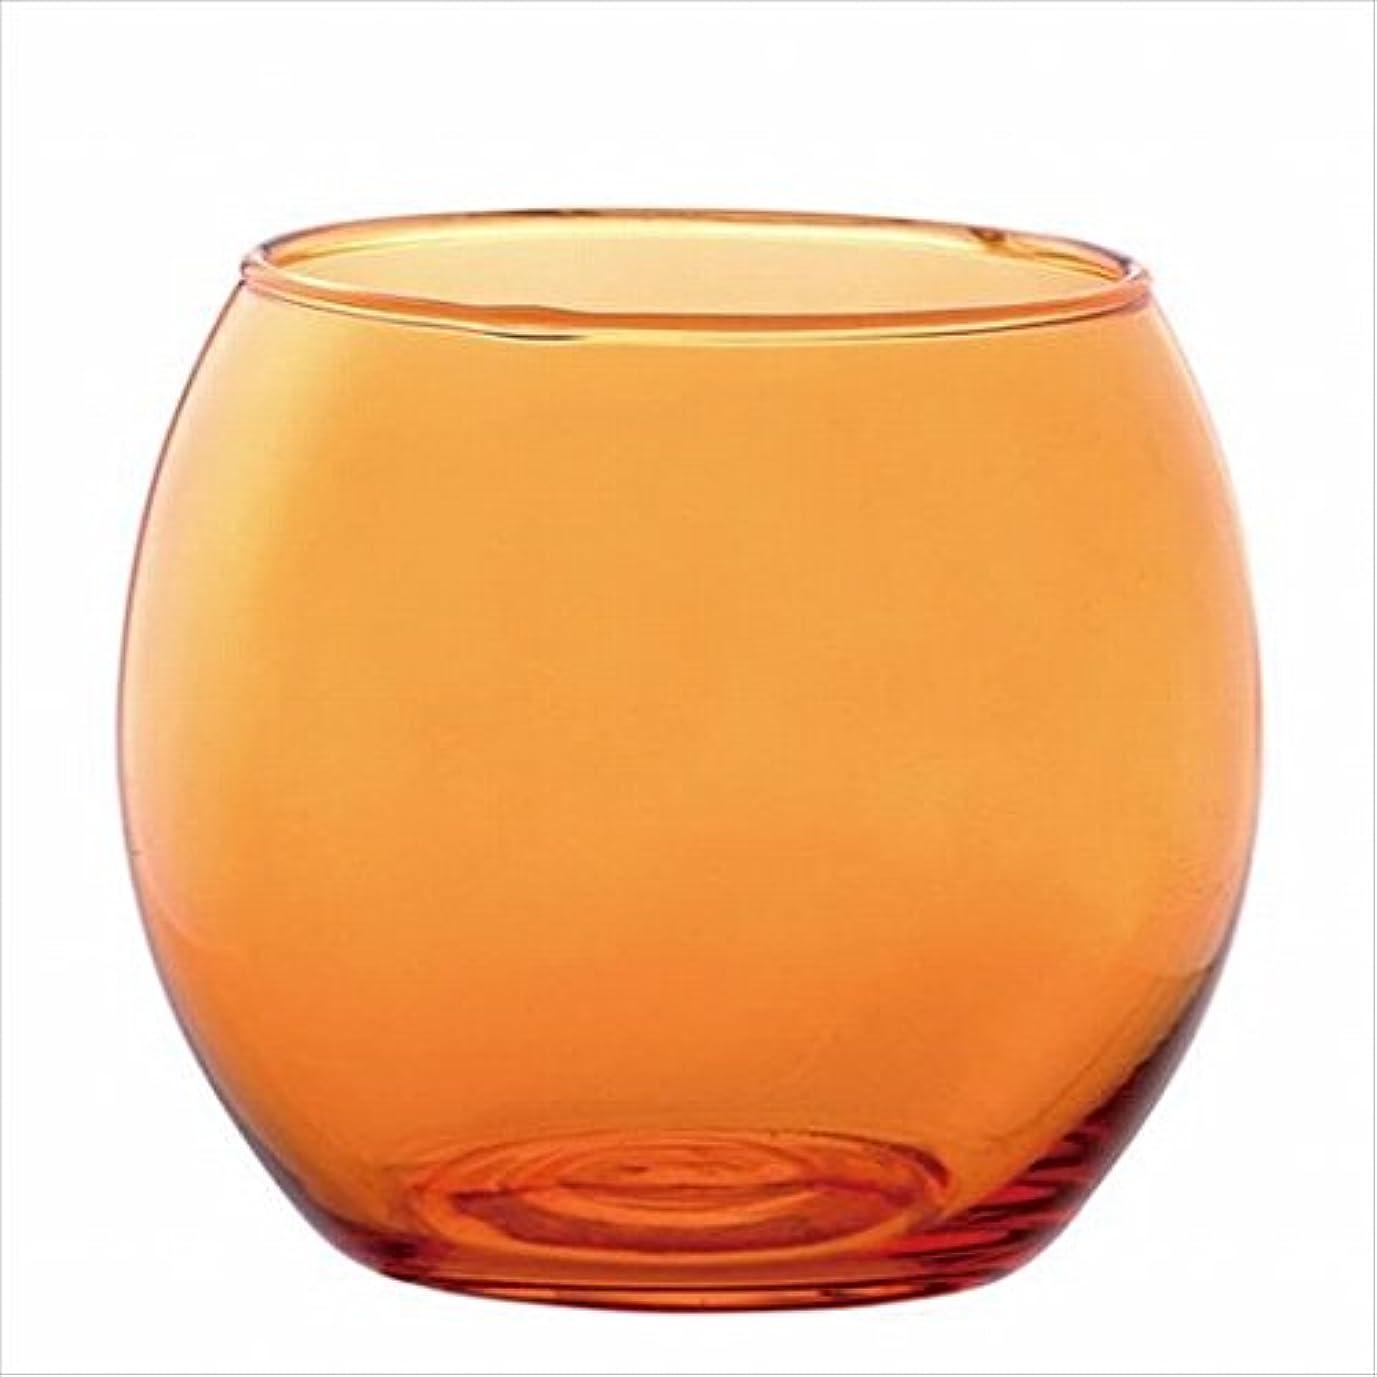 彼女のソースエアコンカメヤマキャンドル( kameyama candle ) スフィアキャンドルホルダー 「 オレンジ 」